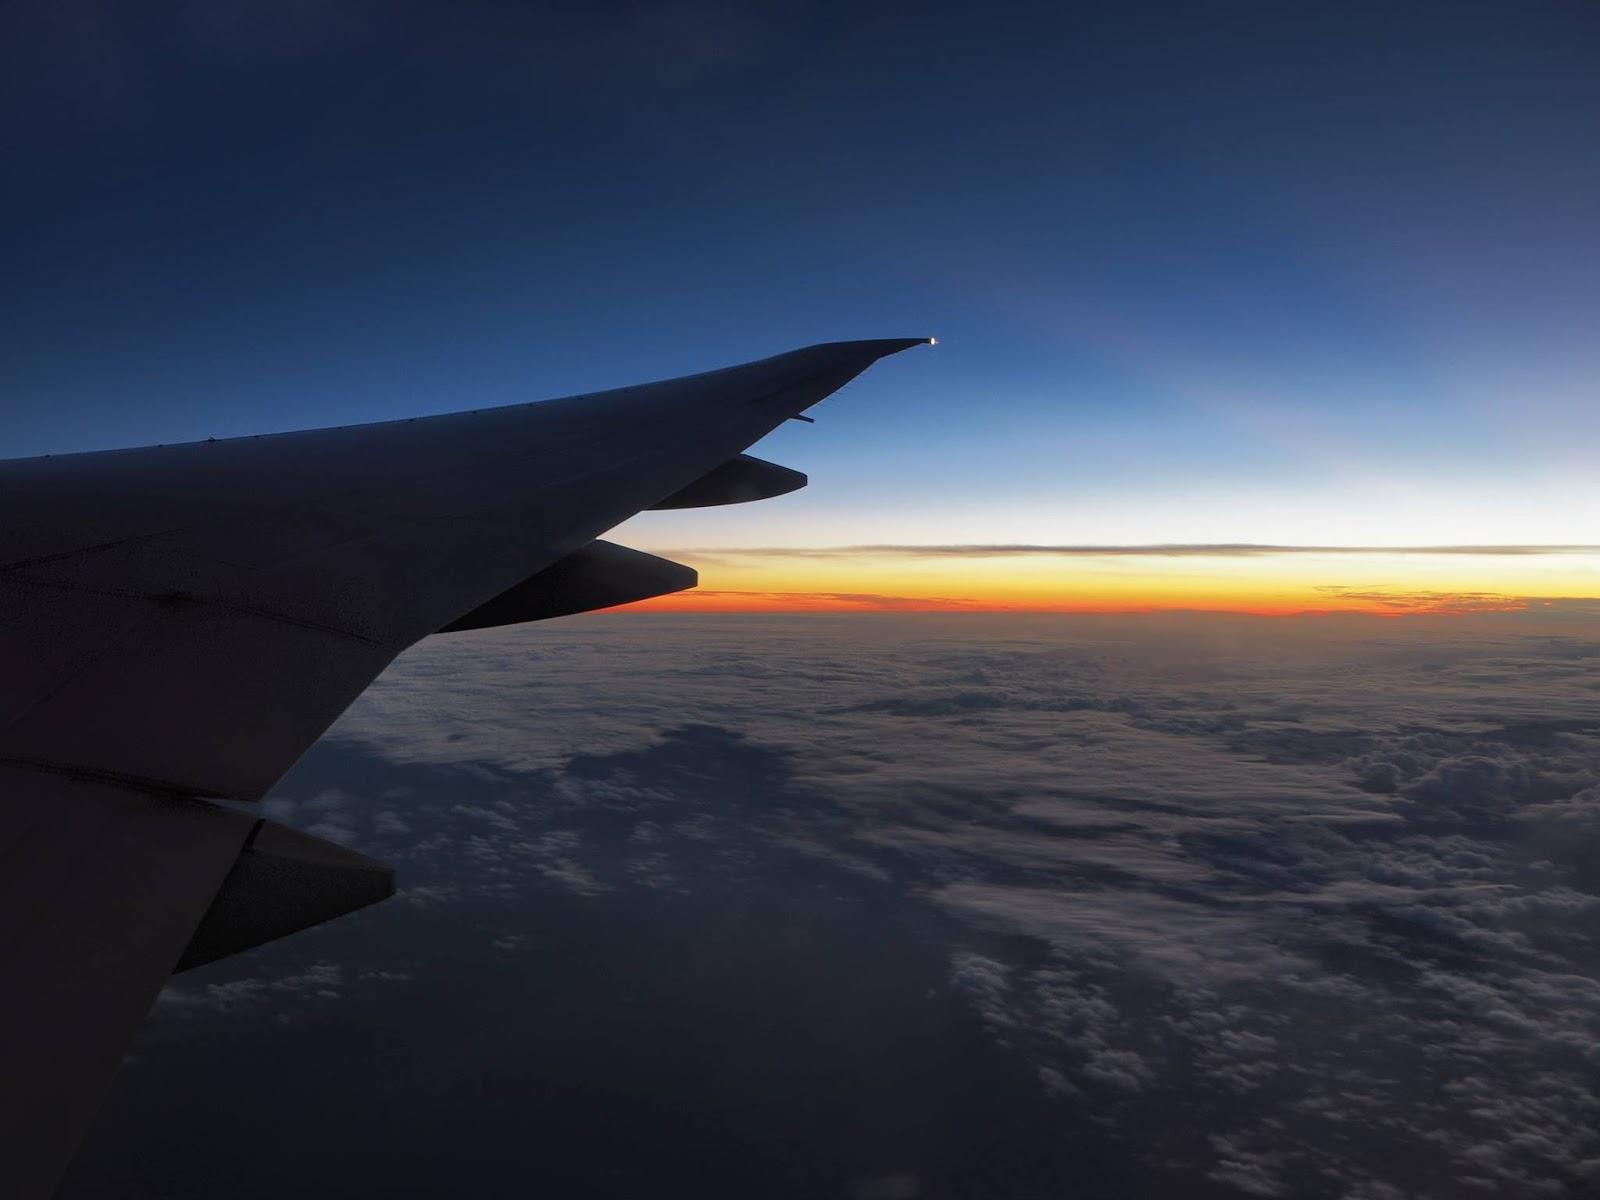 【機票】最新潮有創意的機票比價網 Kiwi.Com - 【攝影旅者】美國國家公園與世界自助旅行遊記